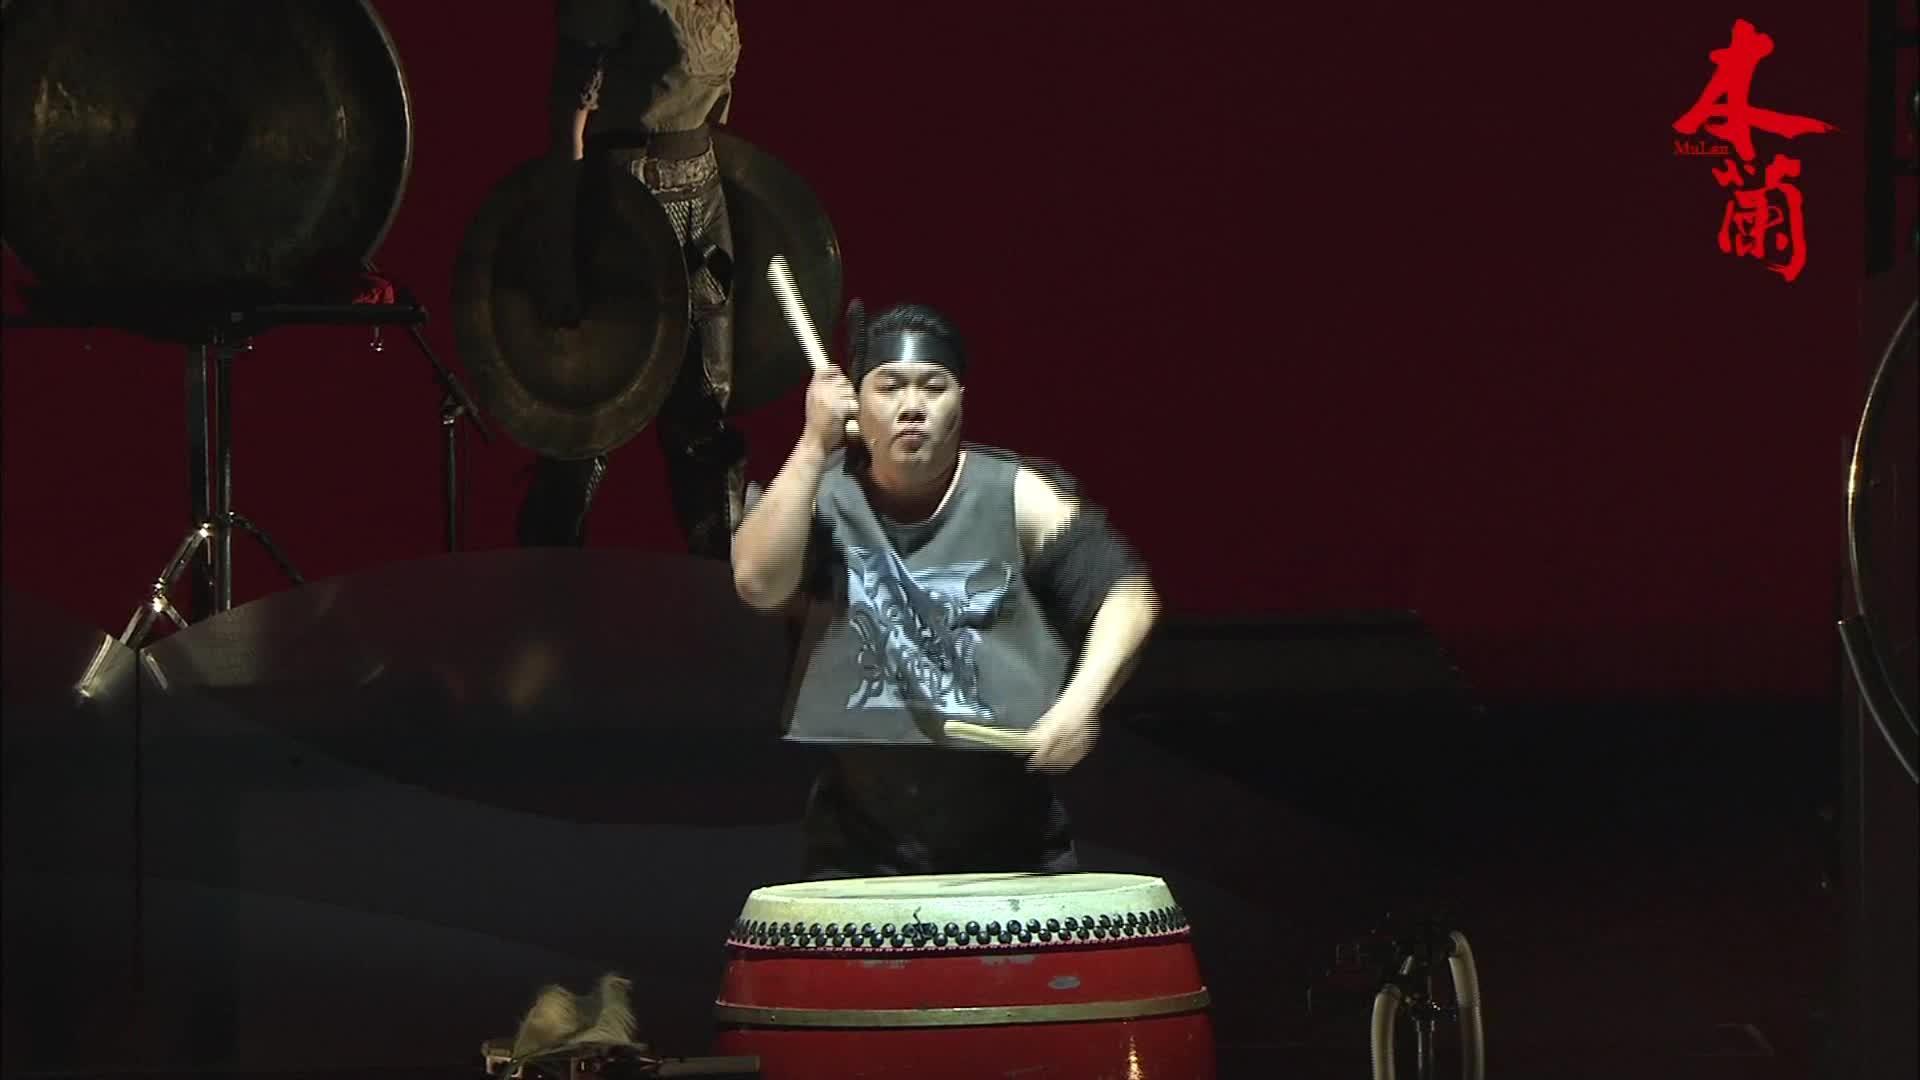 臺灣戲曲中心開幕系列 擊樂劇場《木蘭》宣傳短片